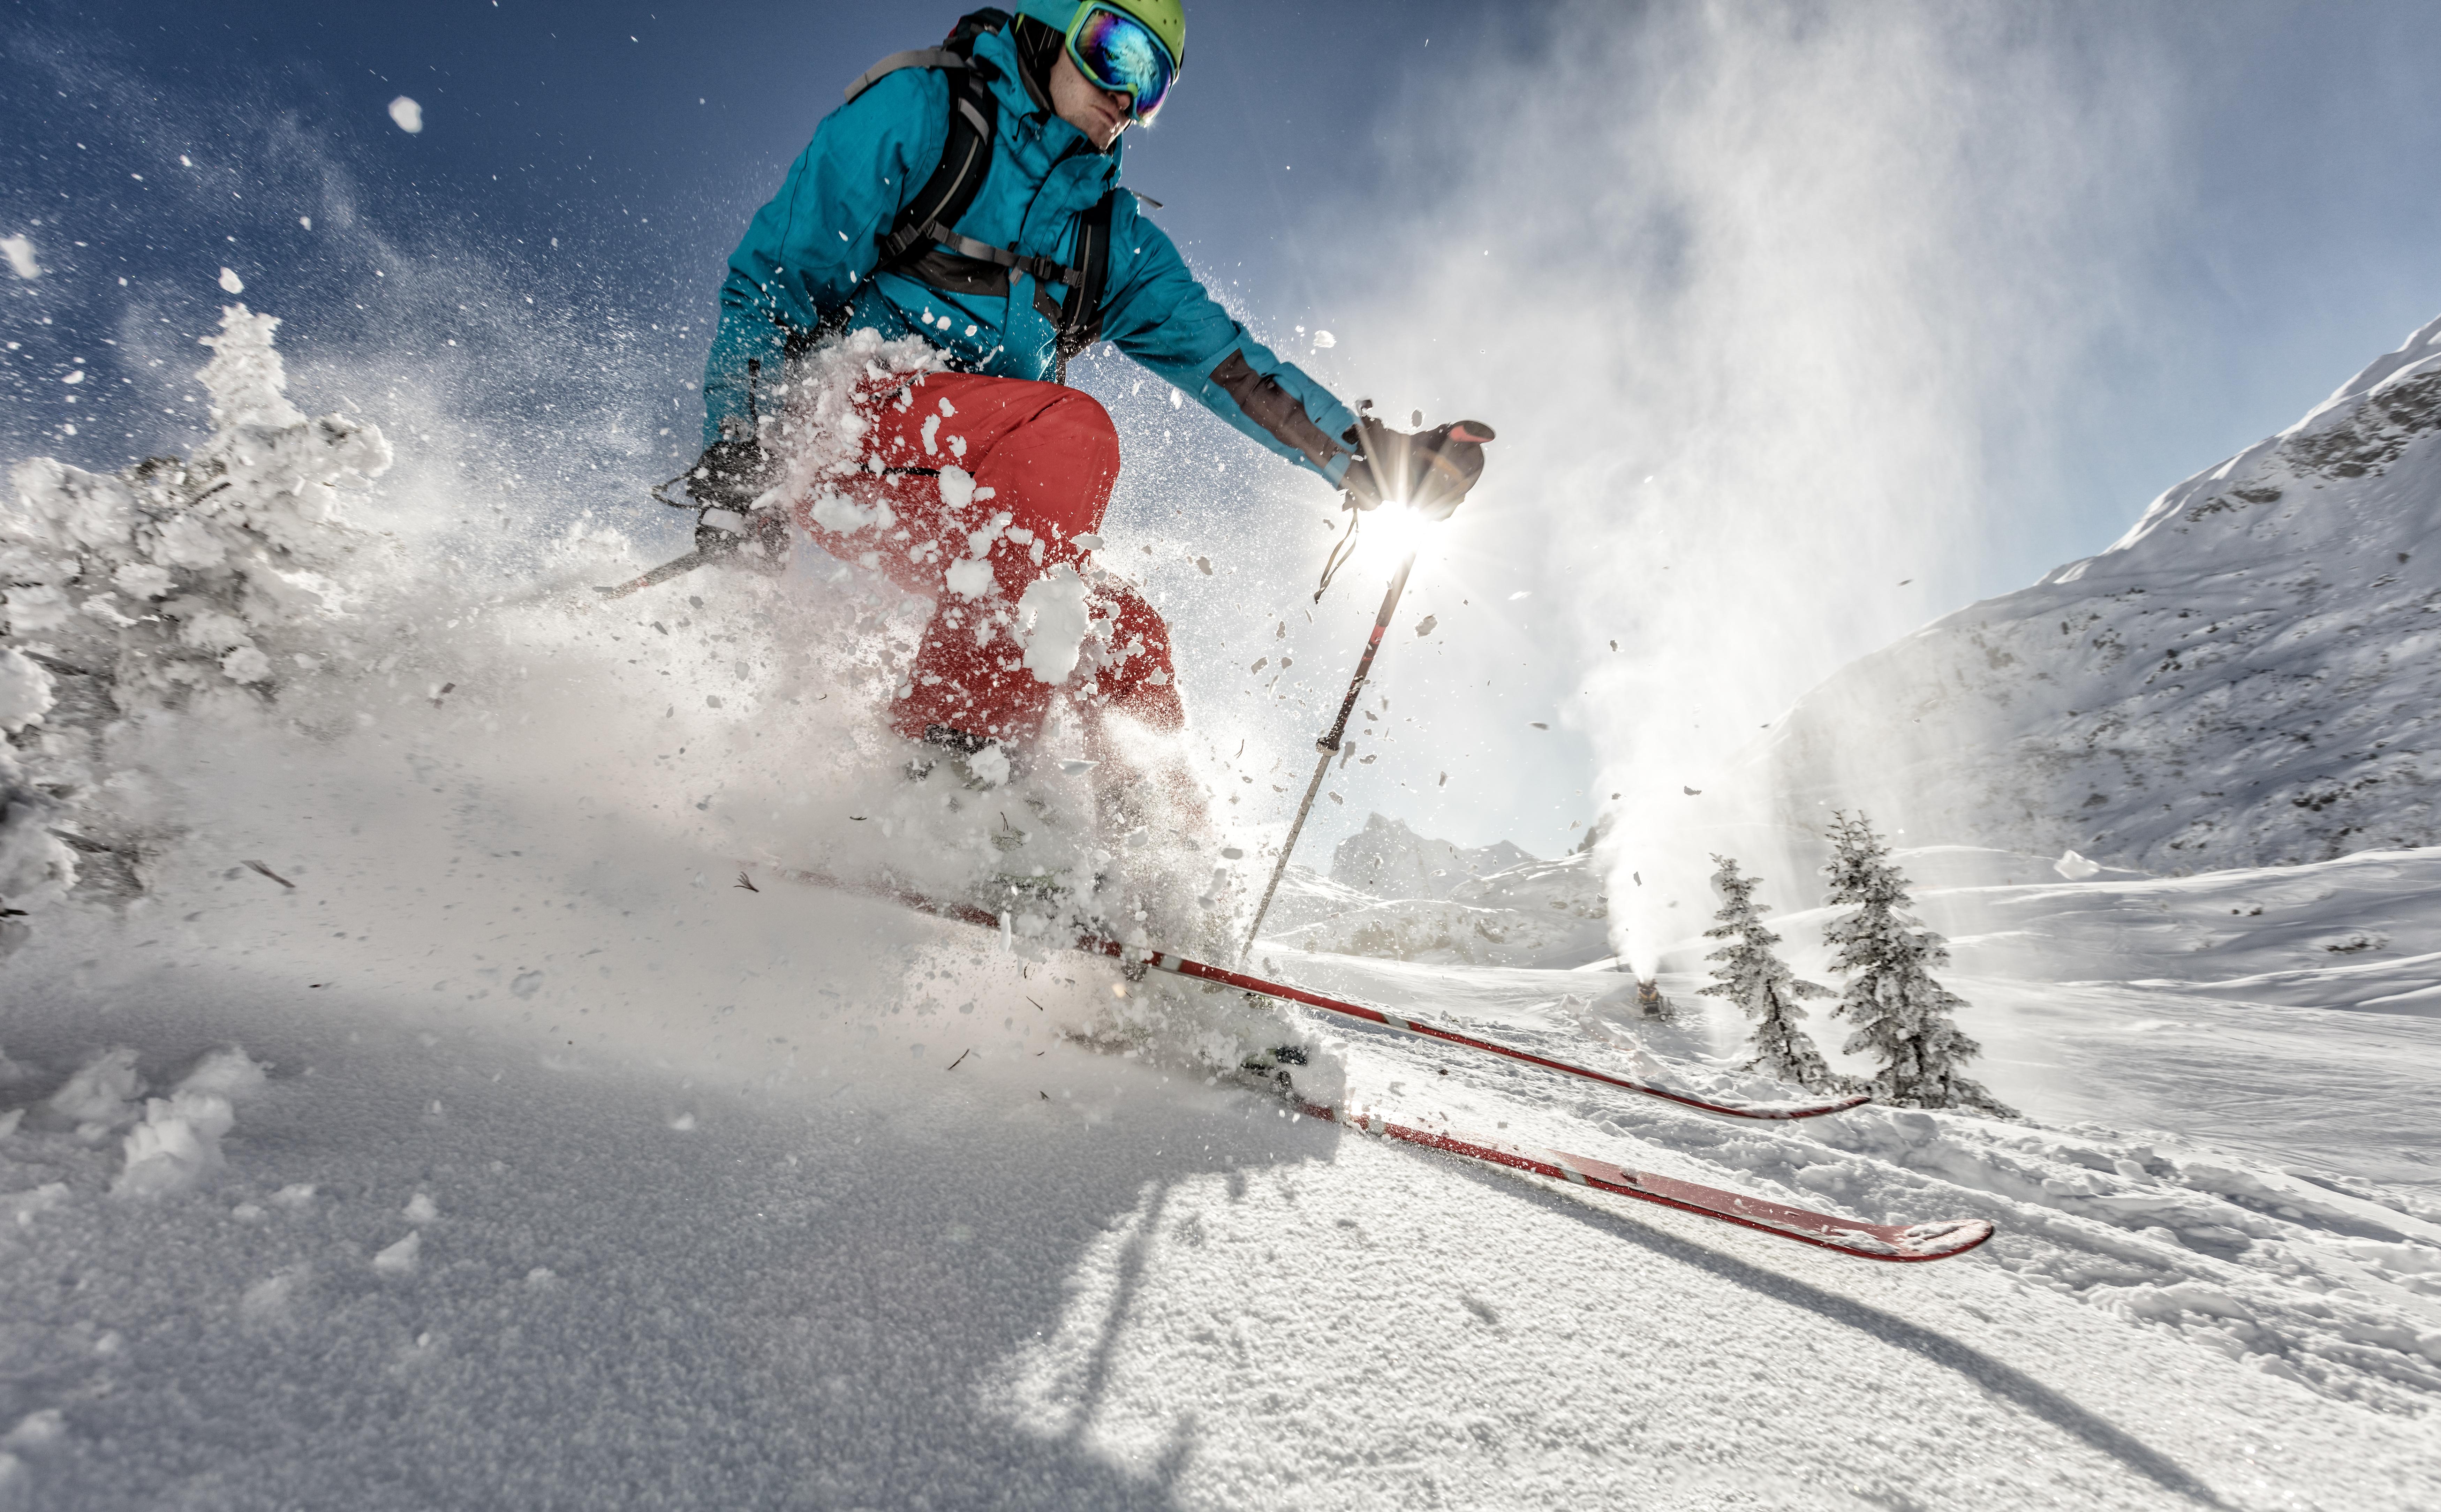 スキーをする男性の画像